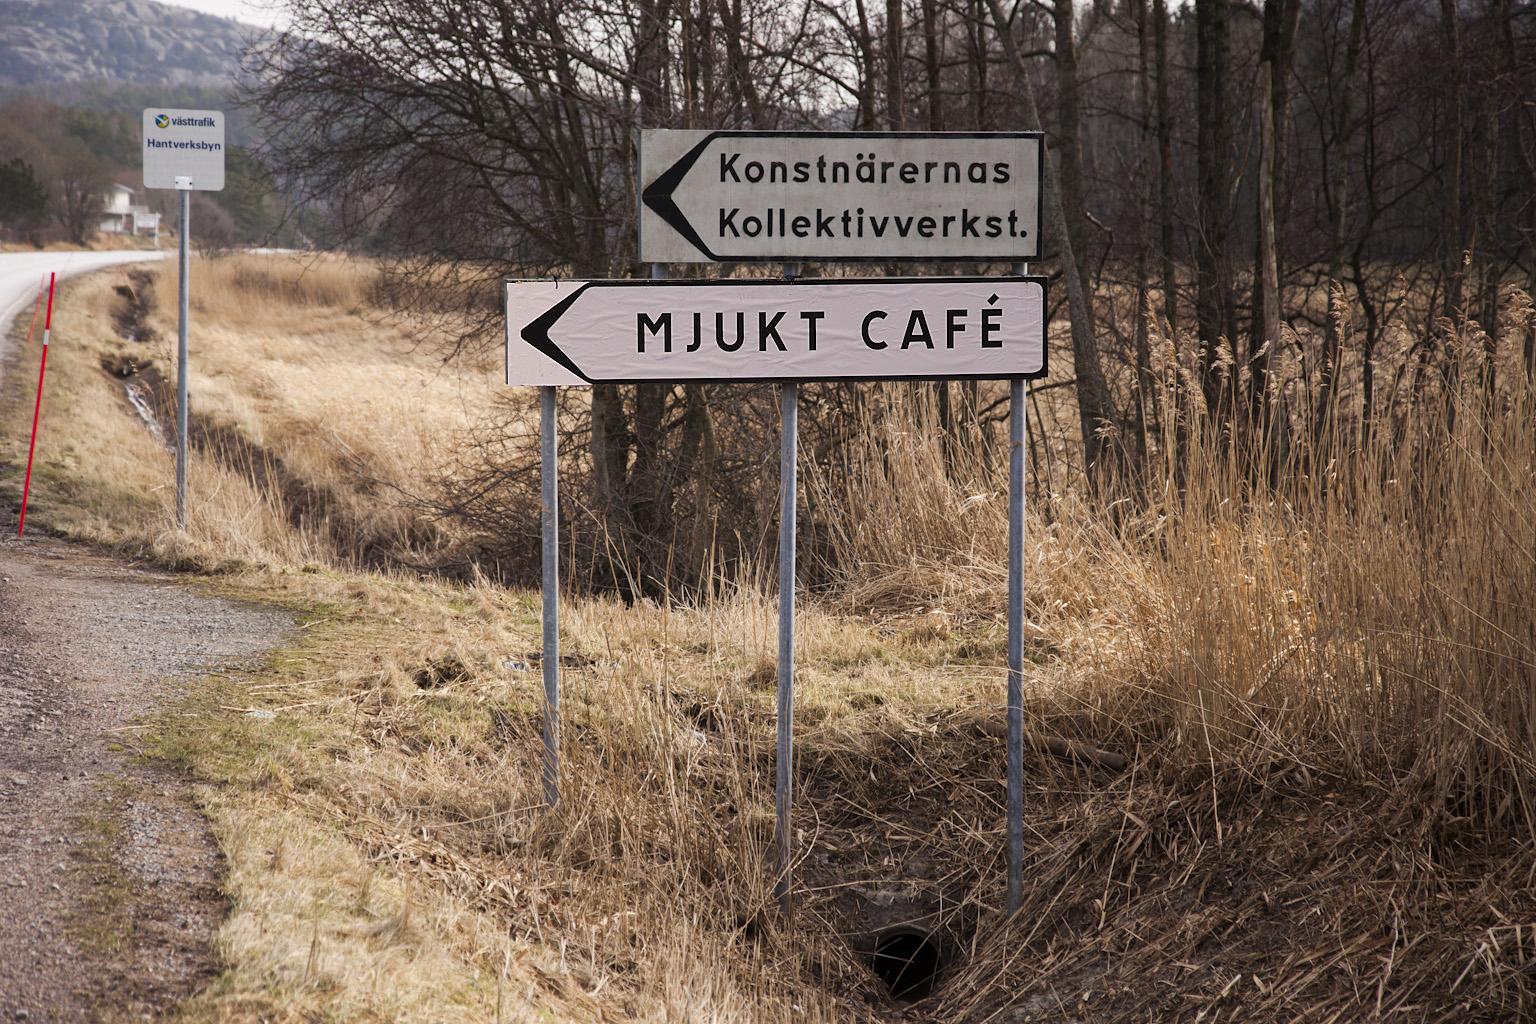 Inte bara bilder - en dag arrangerade jag café med mjuka kakor och varm gemenskap.